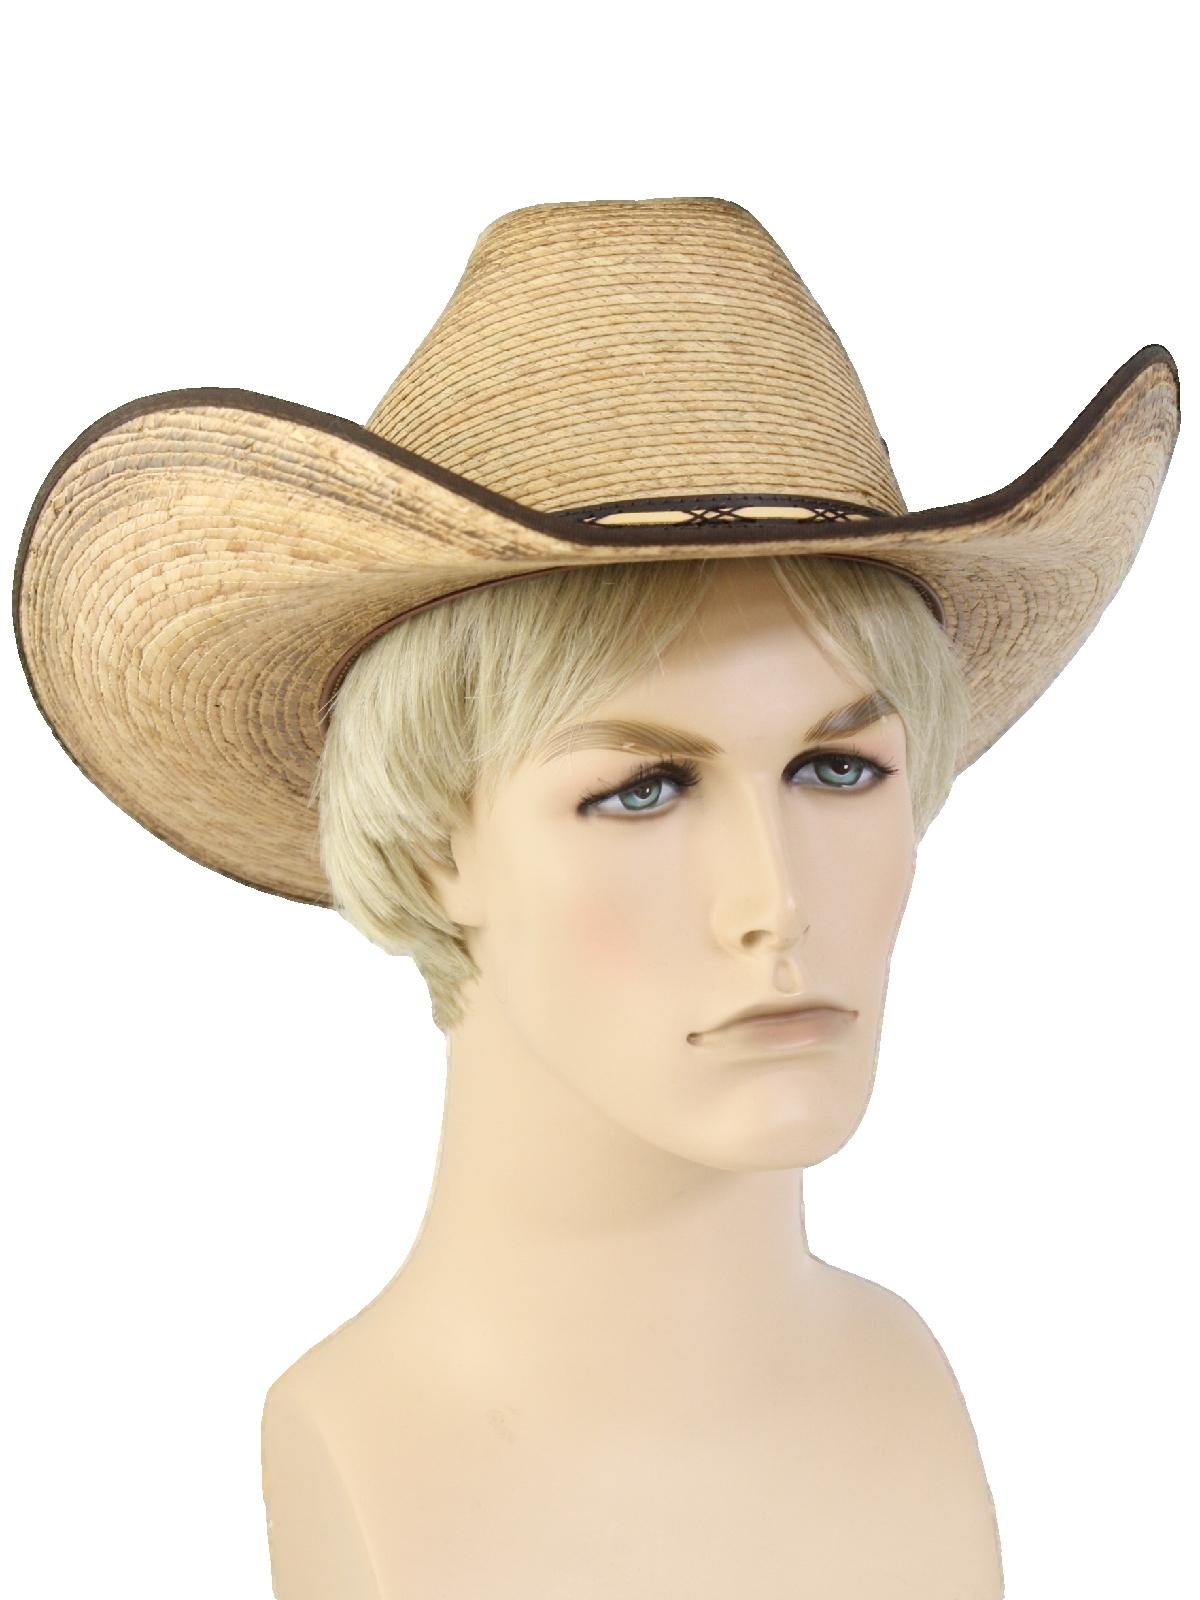 1990 s Hat (Resistol Jason Aldean)  90s -Resistol Jason Aldean- Mens ... a76098a746c